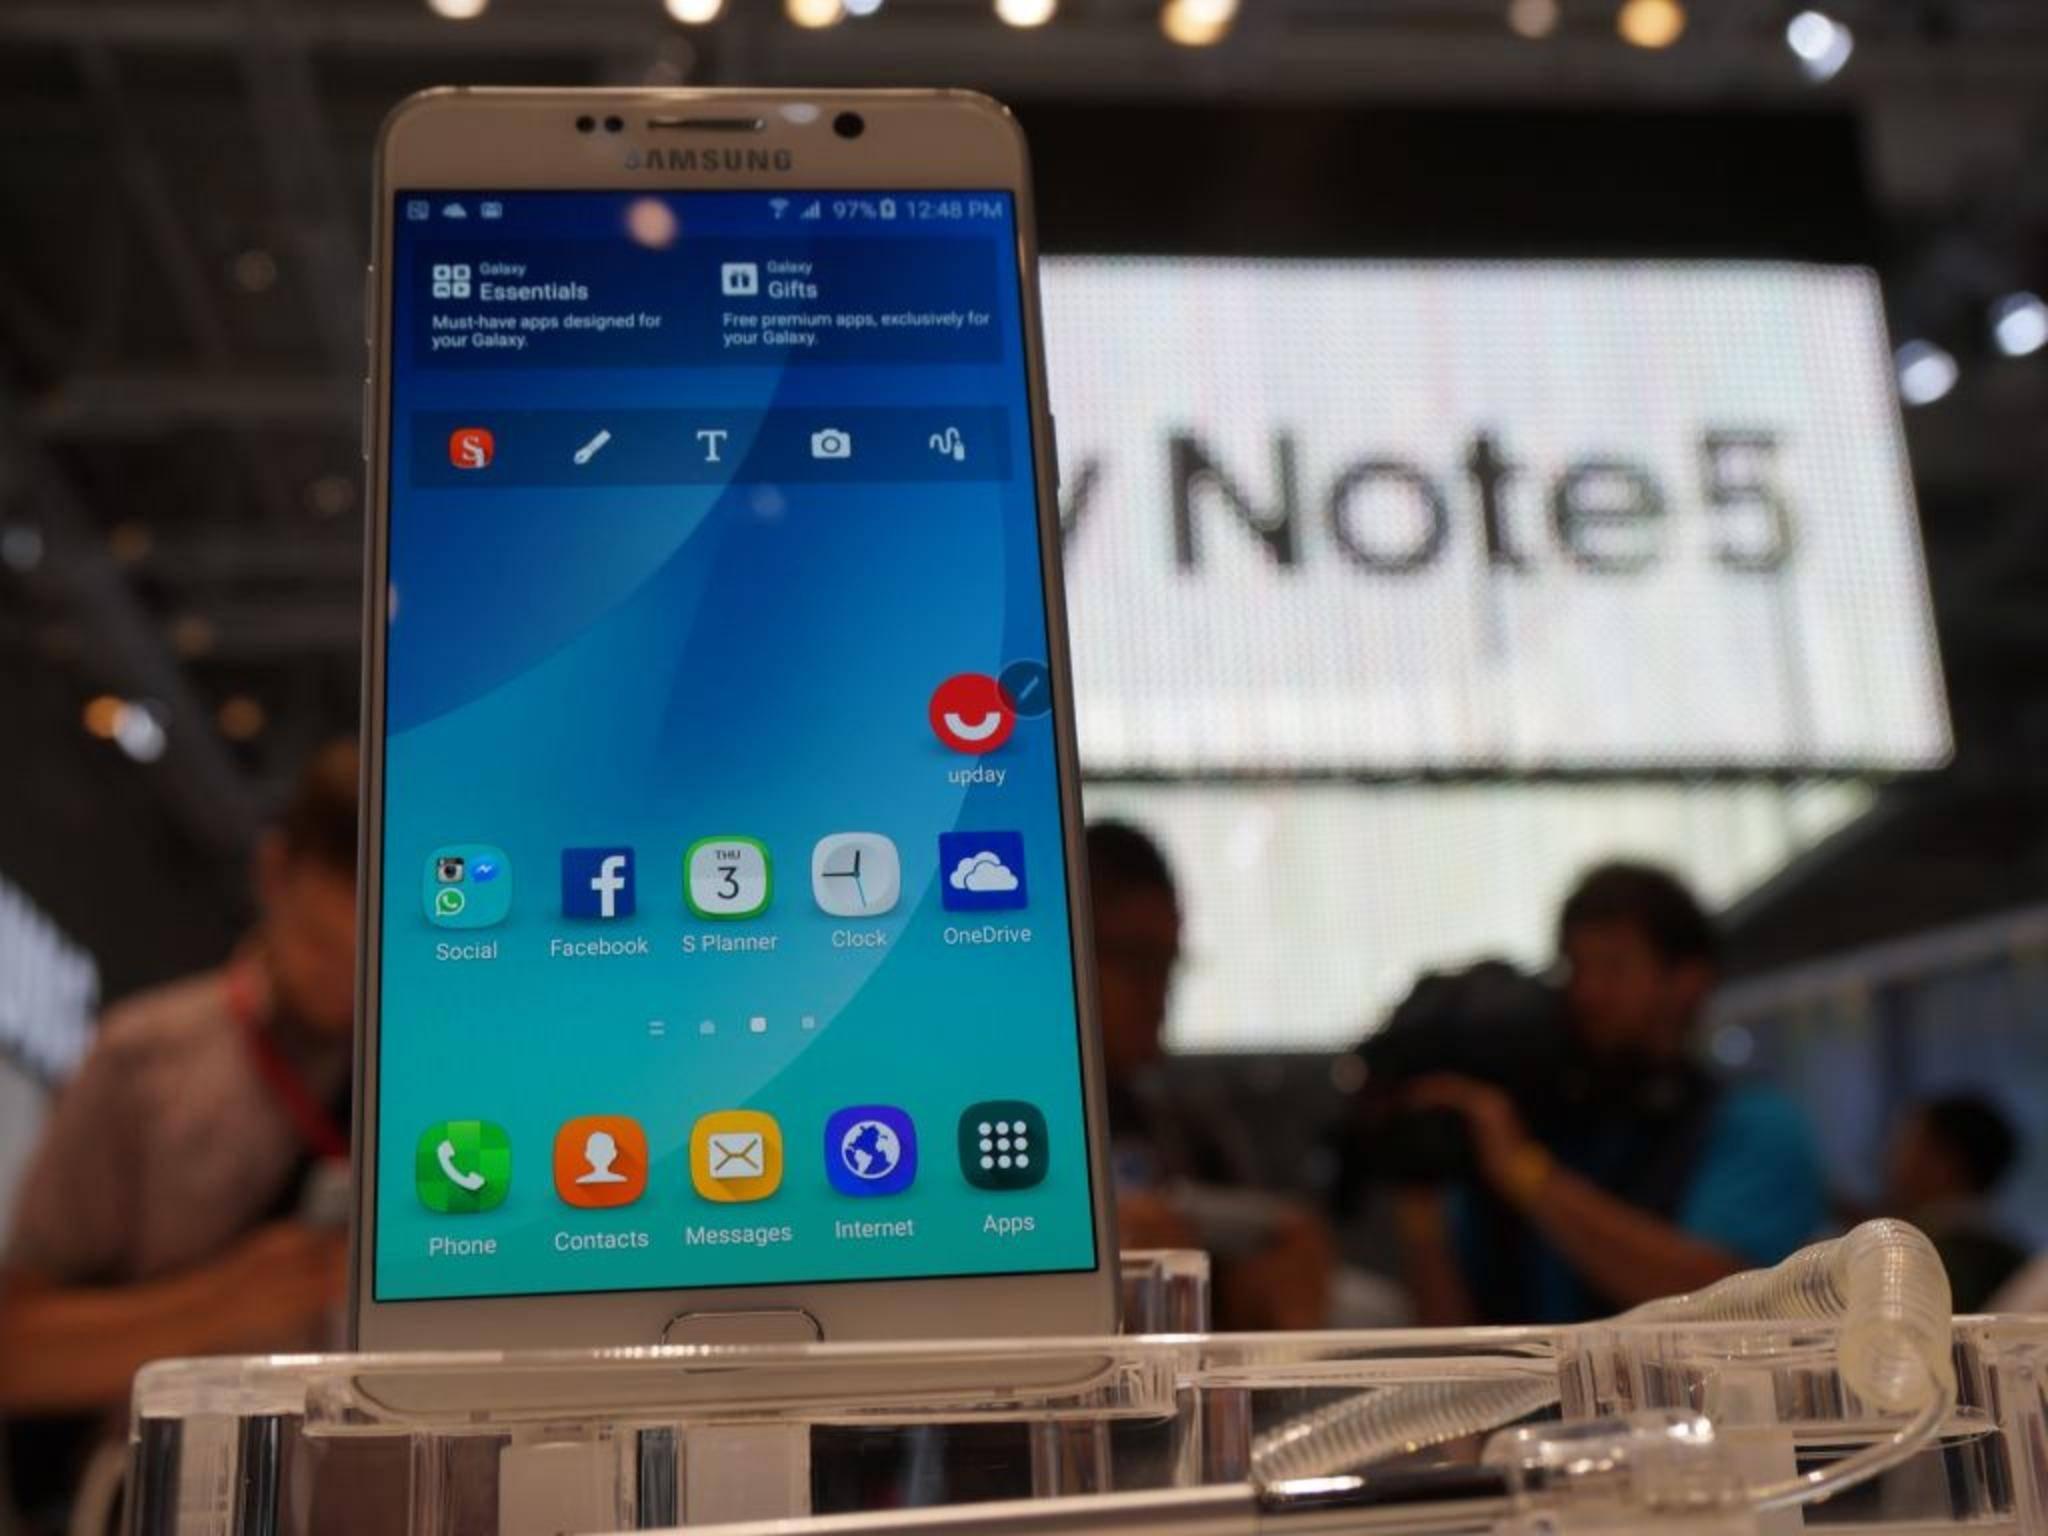 Das Galaxy Note 5 erscheint jetzt in Südkorea mit 128 GB Speicher.